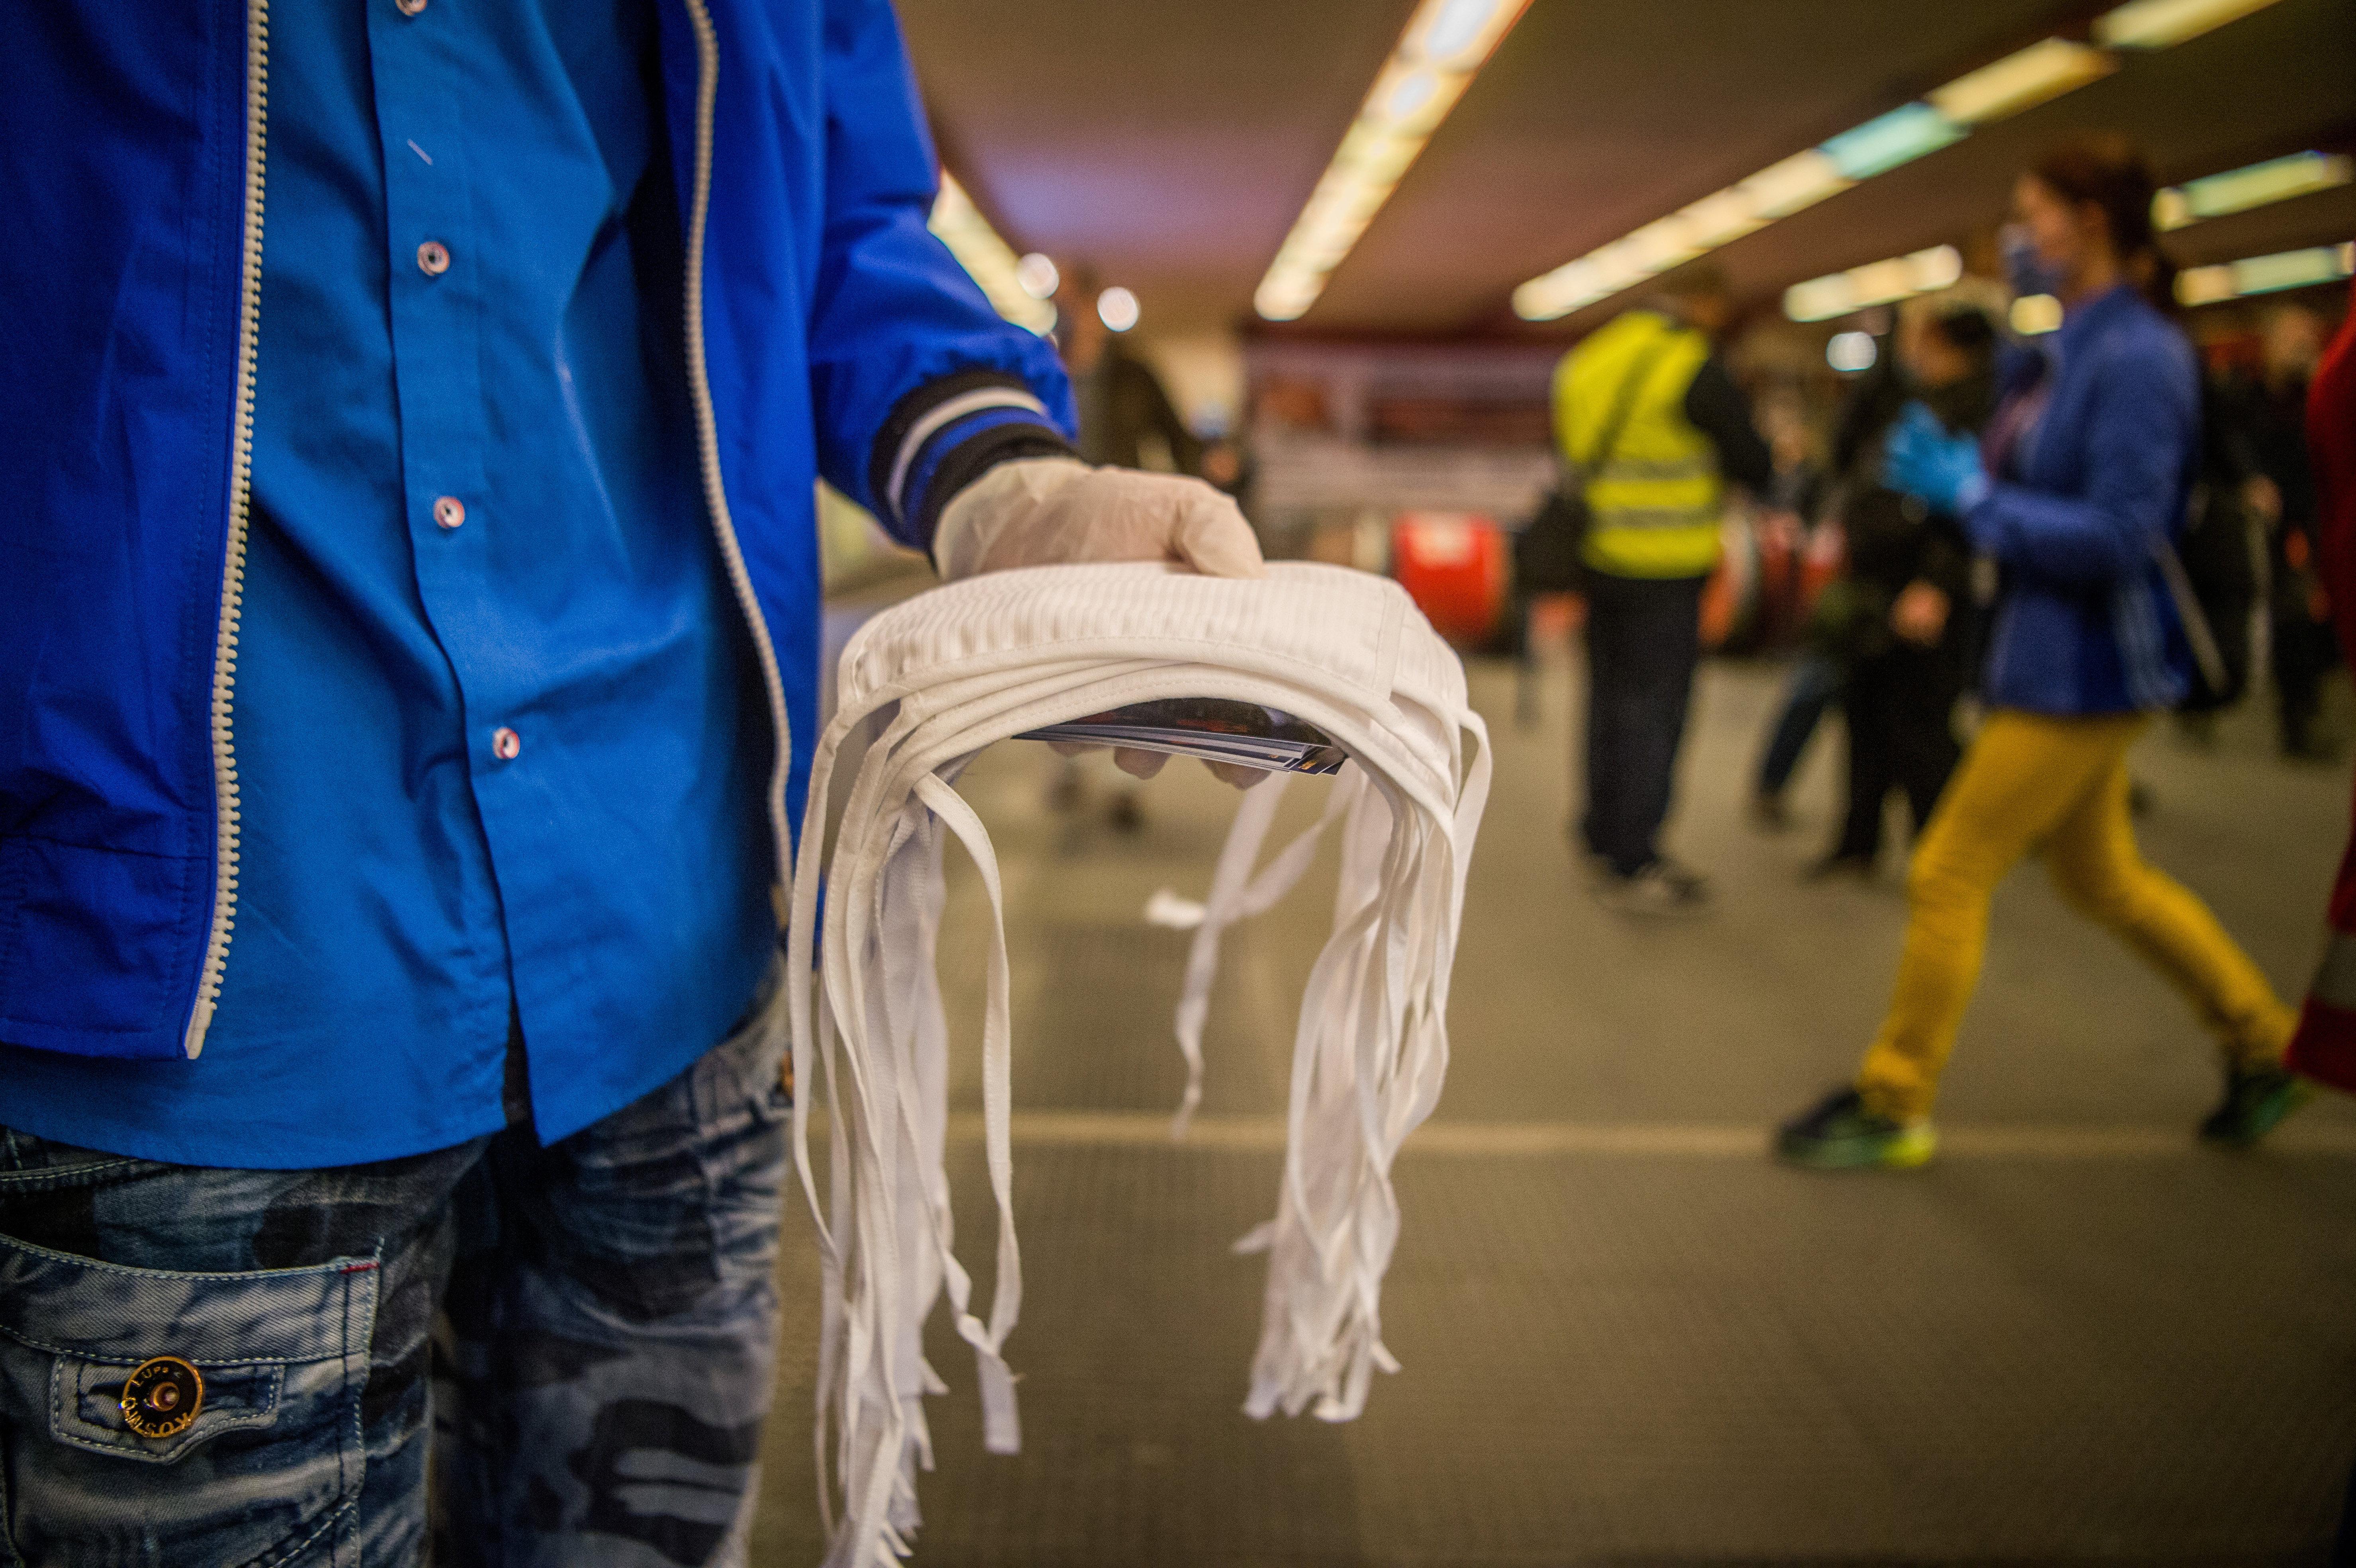 Hétfőtől a vasútállomásokon és buszmegállókban is kötelező a maszkviselés